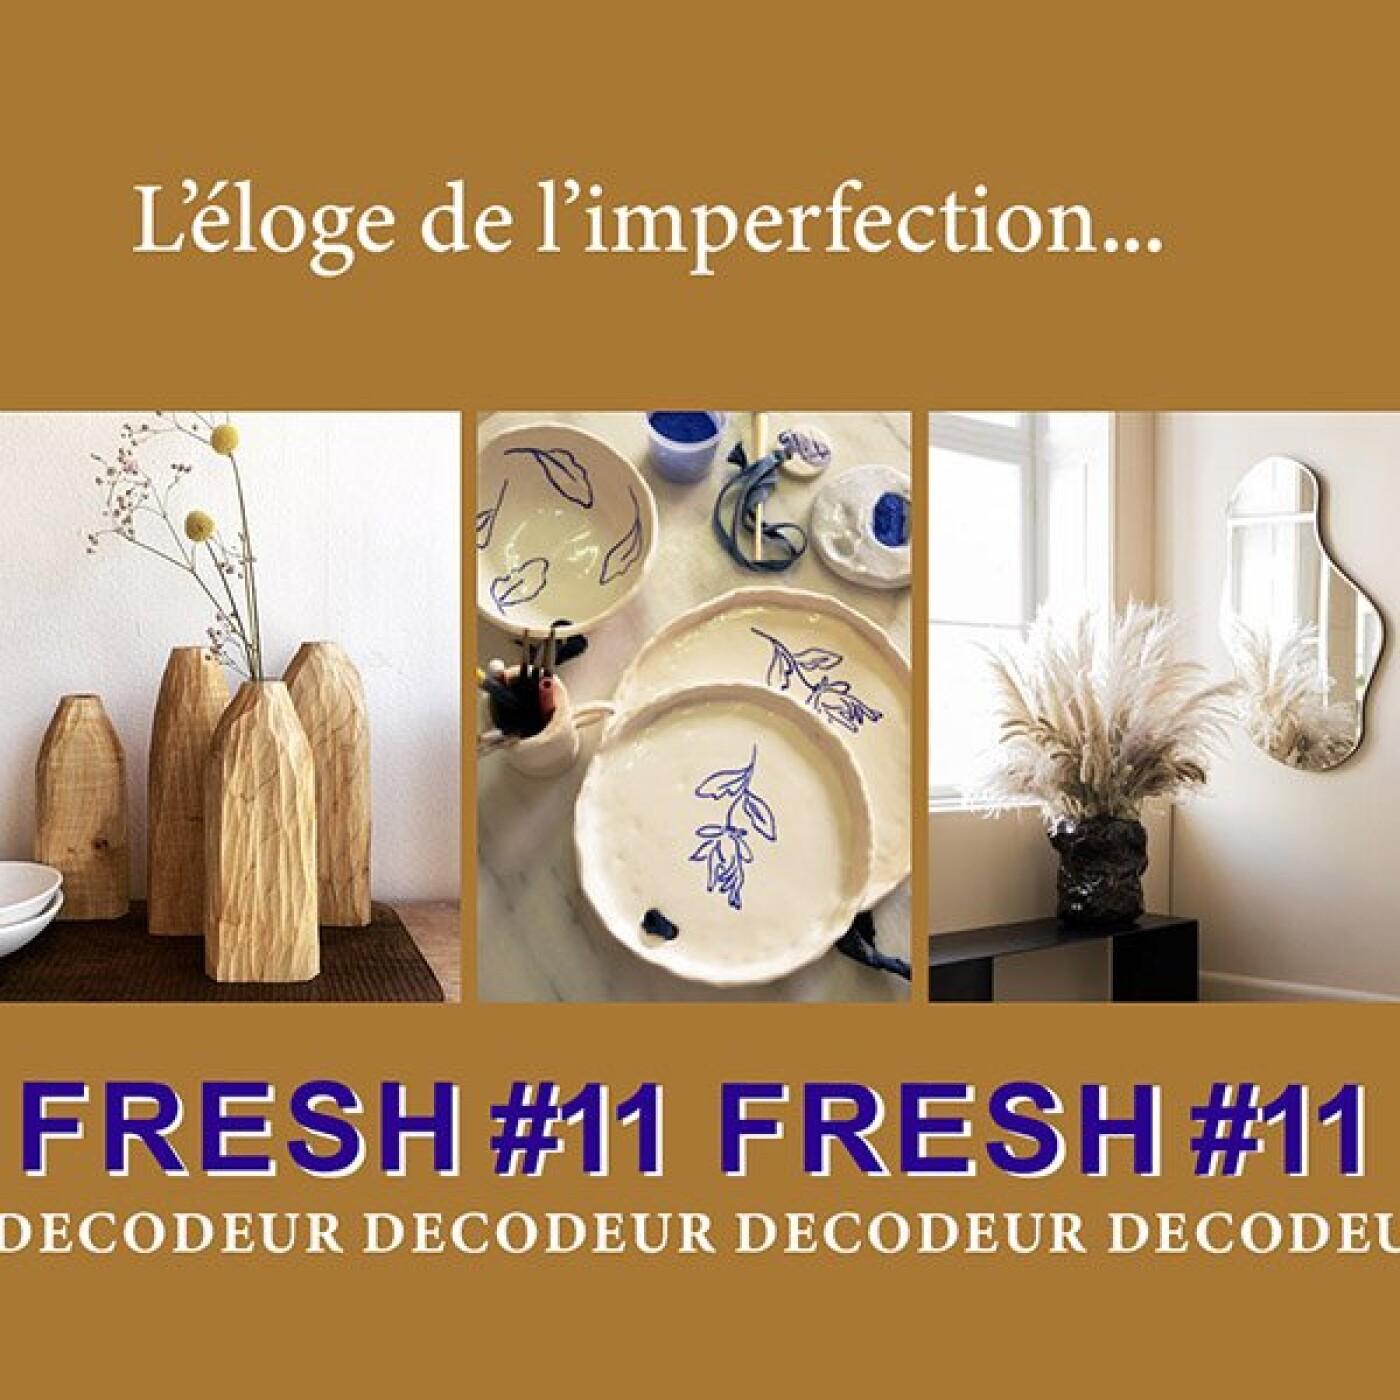 """FRESH #11 la tendance déco du mois : """"L'éloge de l'imperfection"""" décrypté par le bureau de style LE NOMBRIL"""